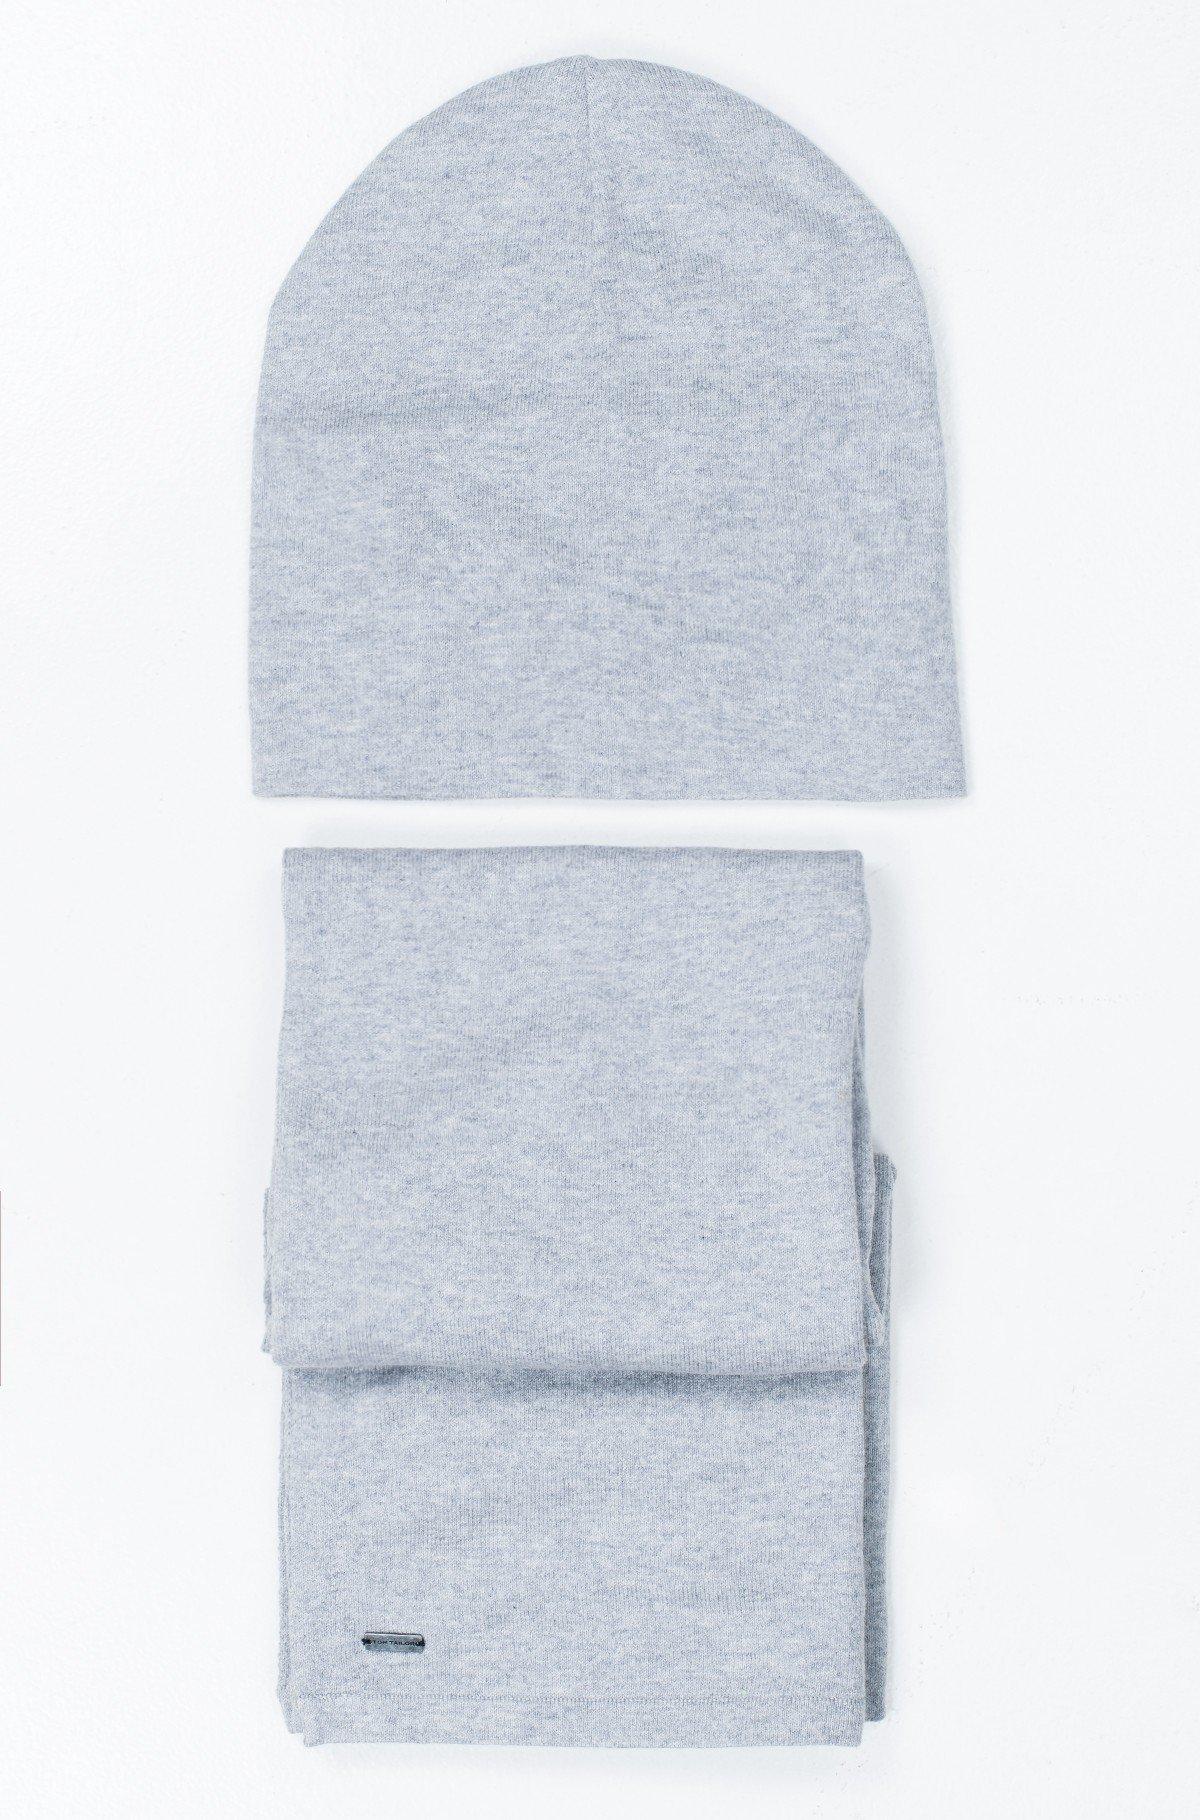 Mütsi ja salli komplekt AM8615 WOL03-full-1